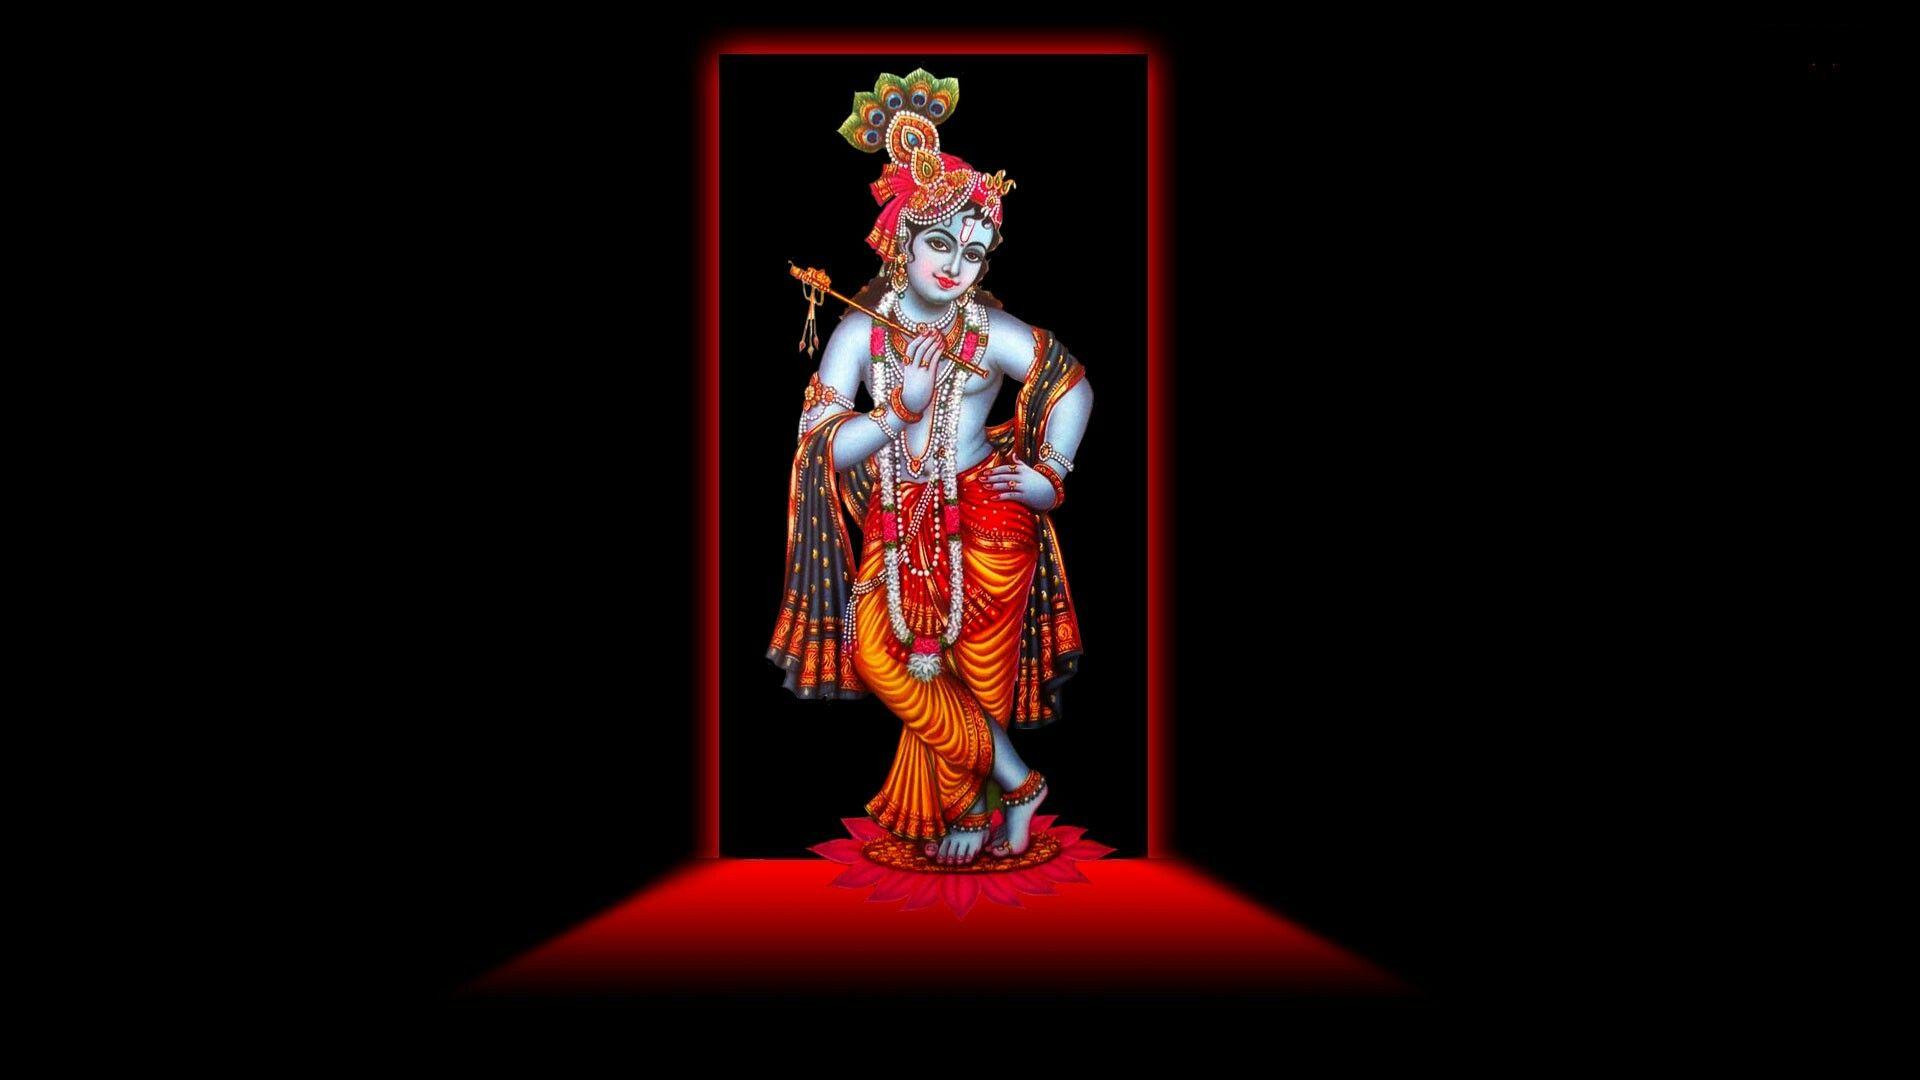 Shri Krishna Lord Krishna Hd Wallpaper Hd Wallpapers 1080p Krishna Wallpaper